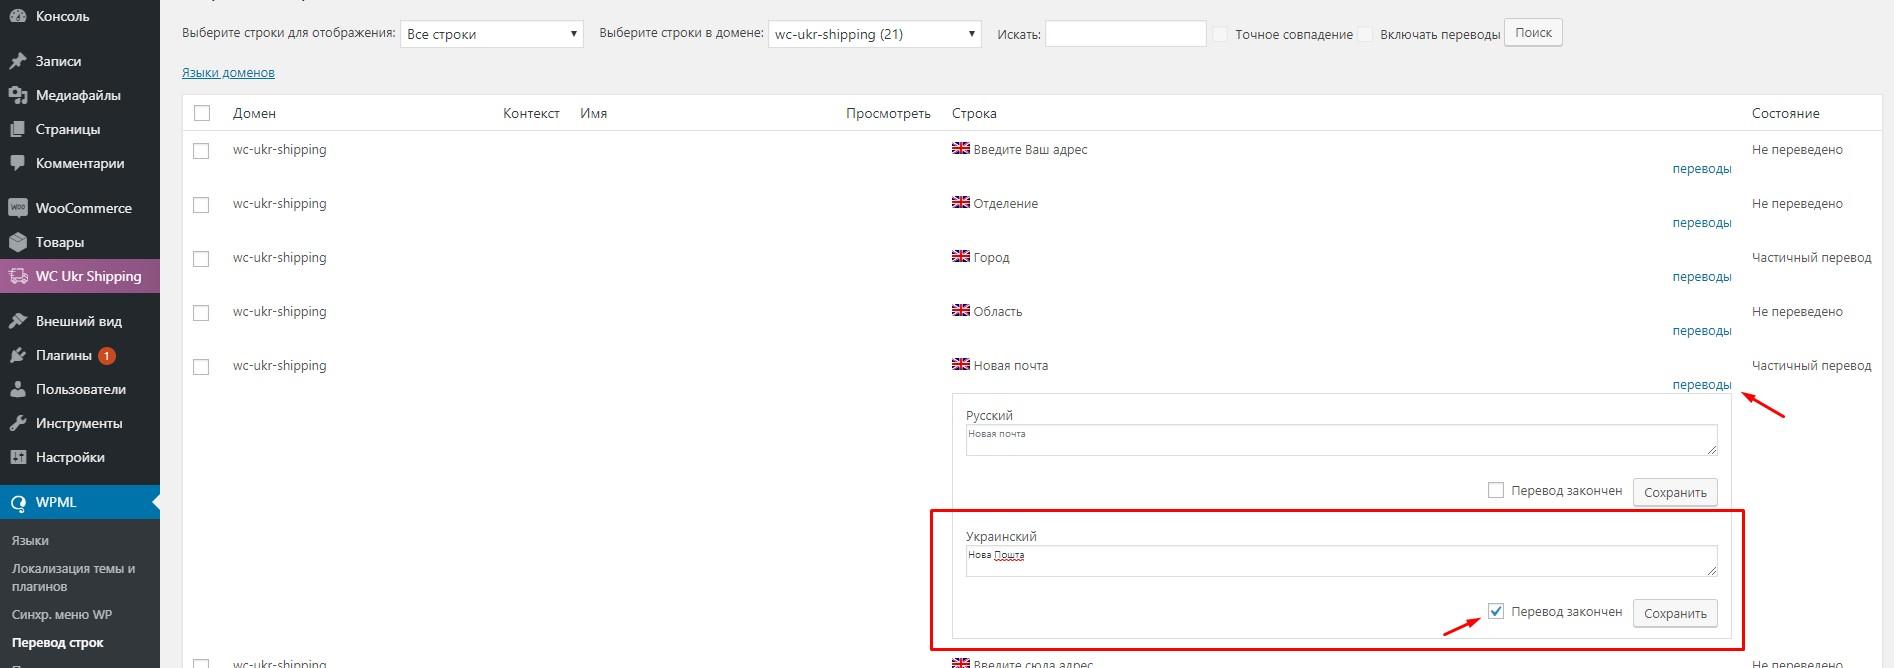 Локализация плагина доставки Новой Почтой для WooCommerce